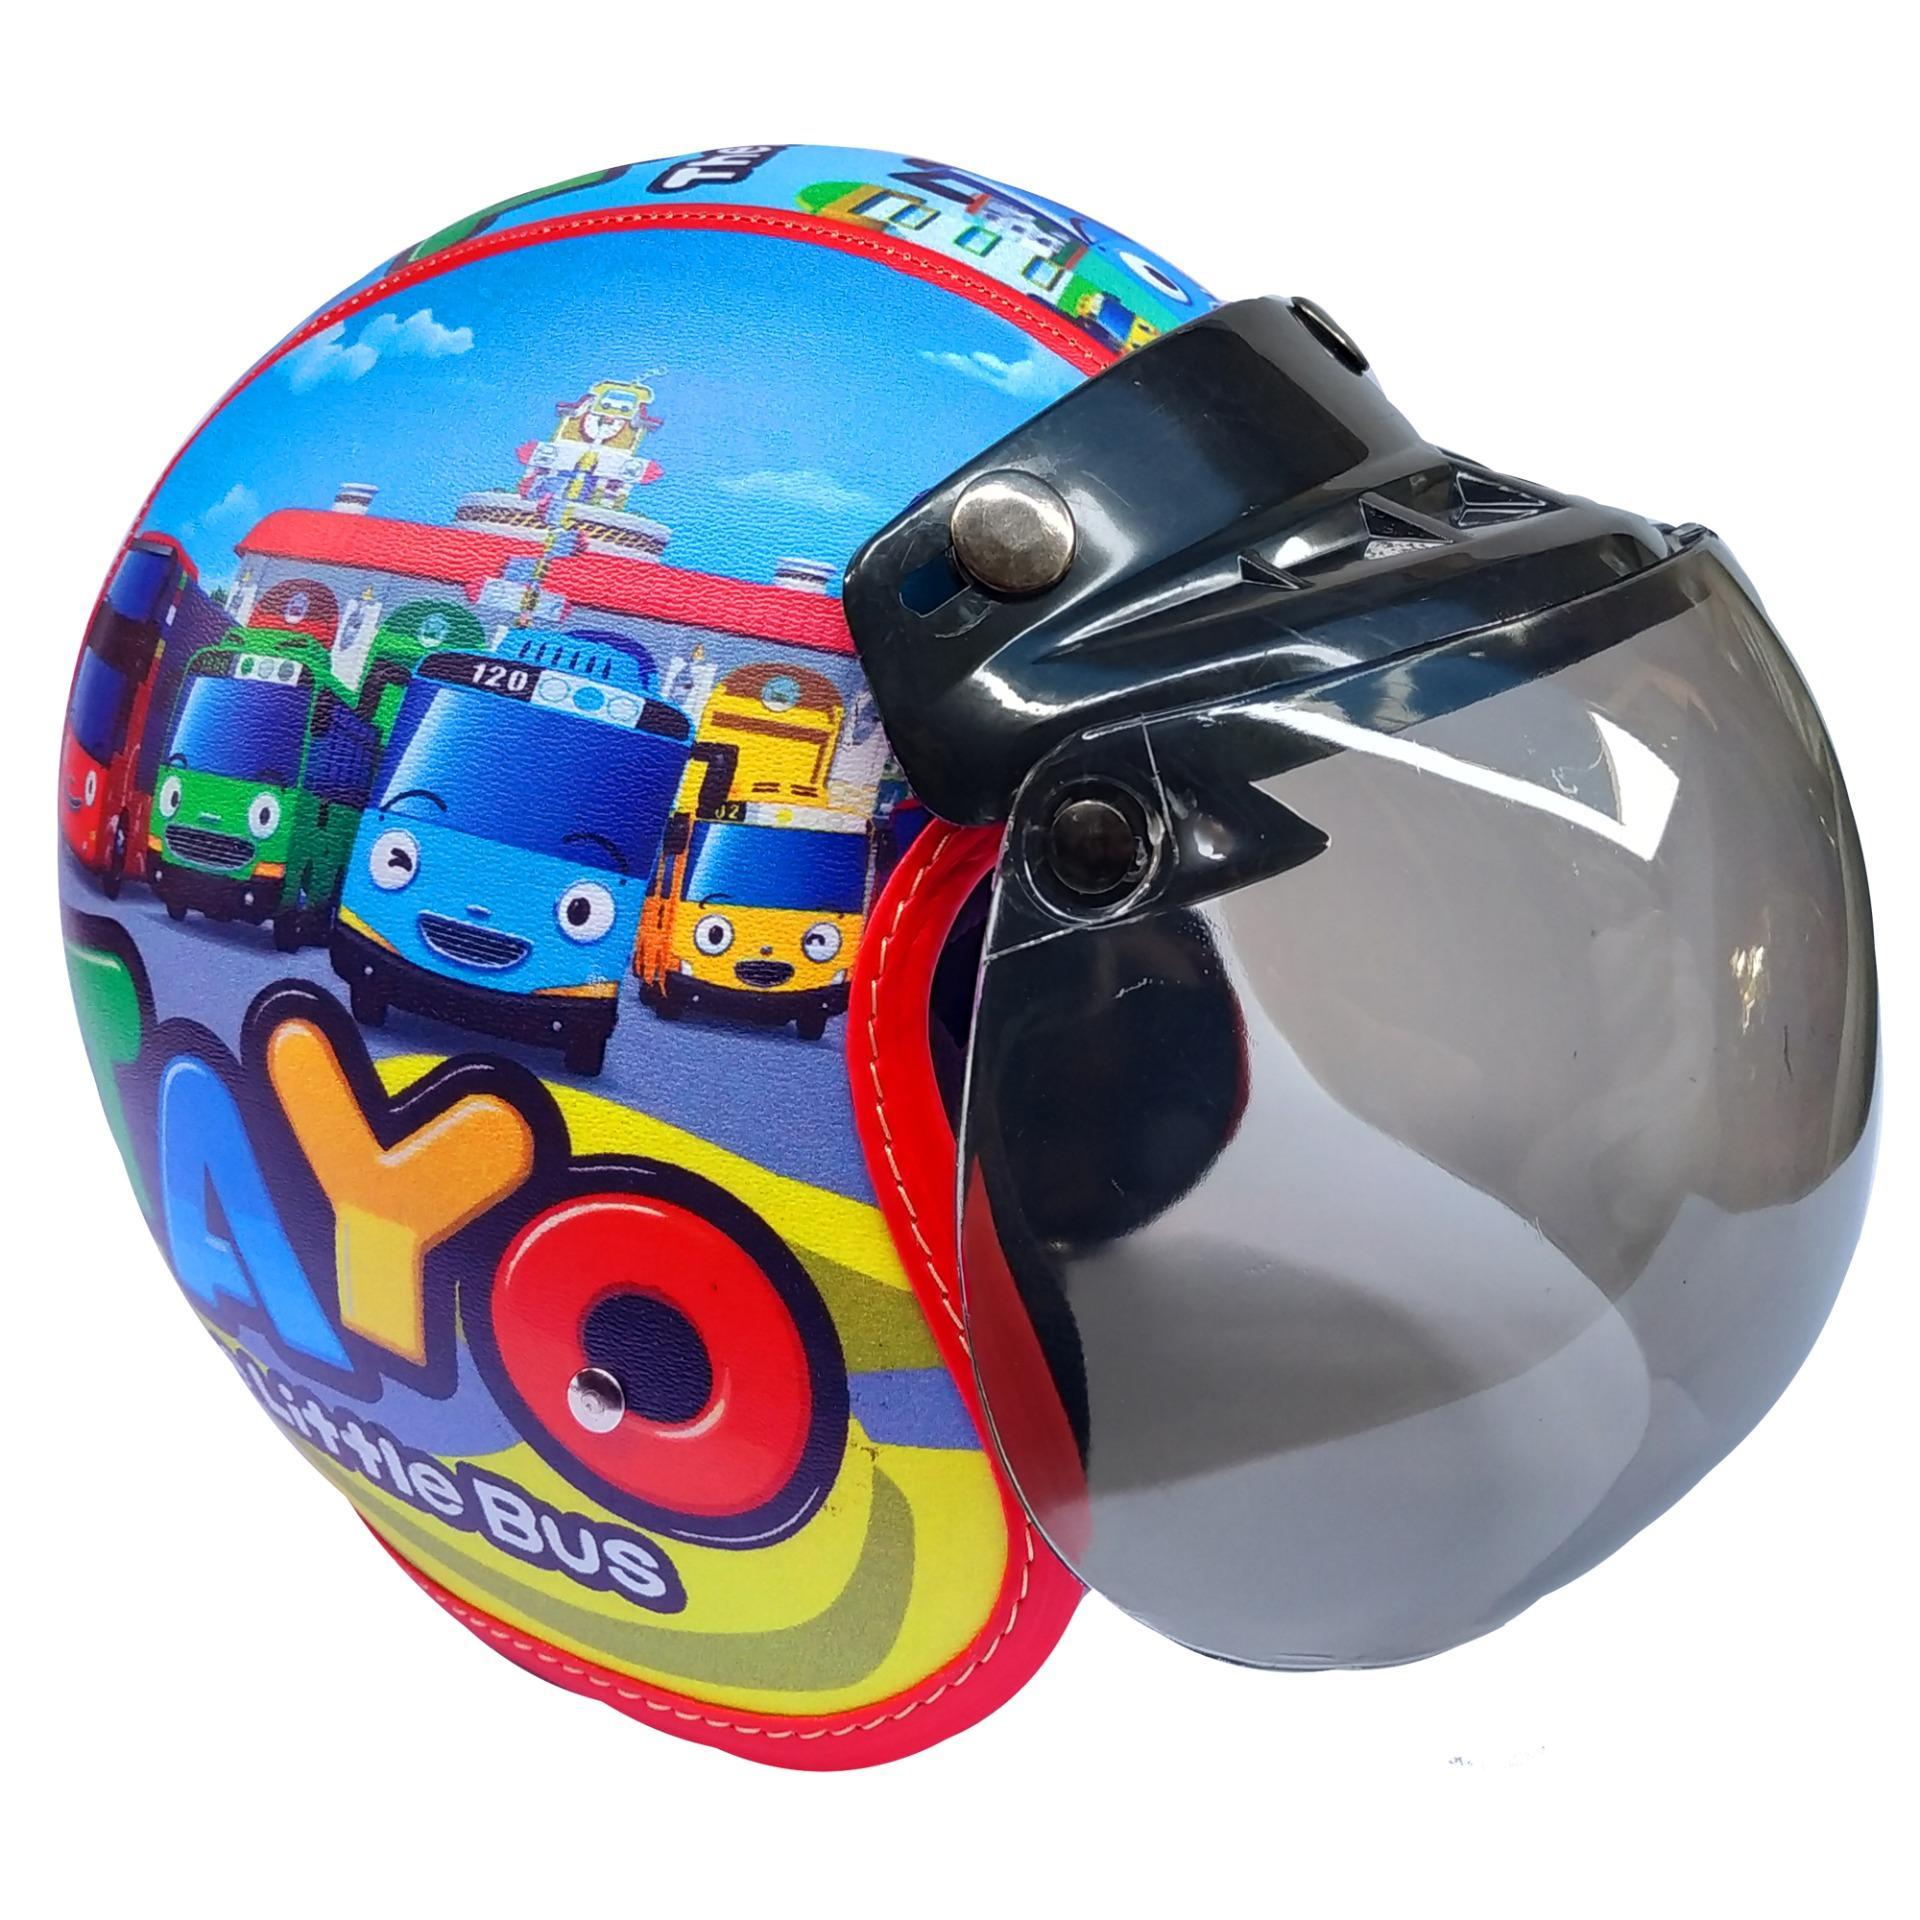 Helm Anak Bogo Motif Tayo Biru Laser Untuk Usia 2-6 Tahun